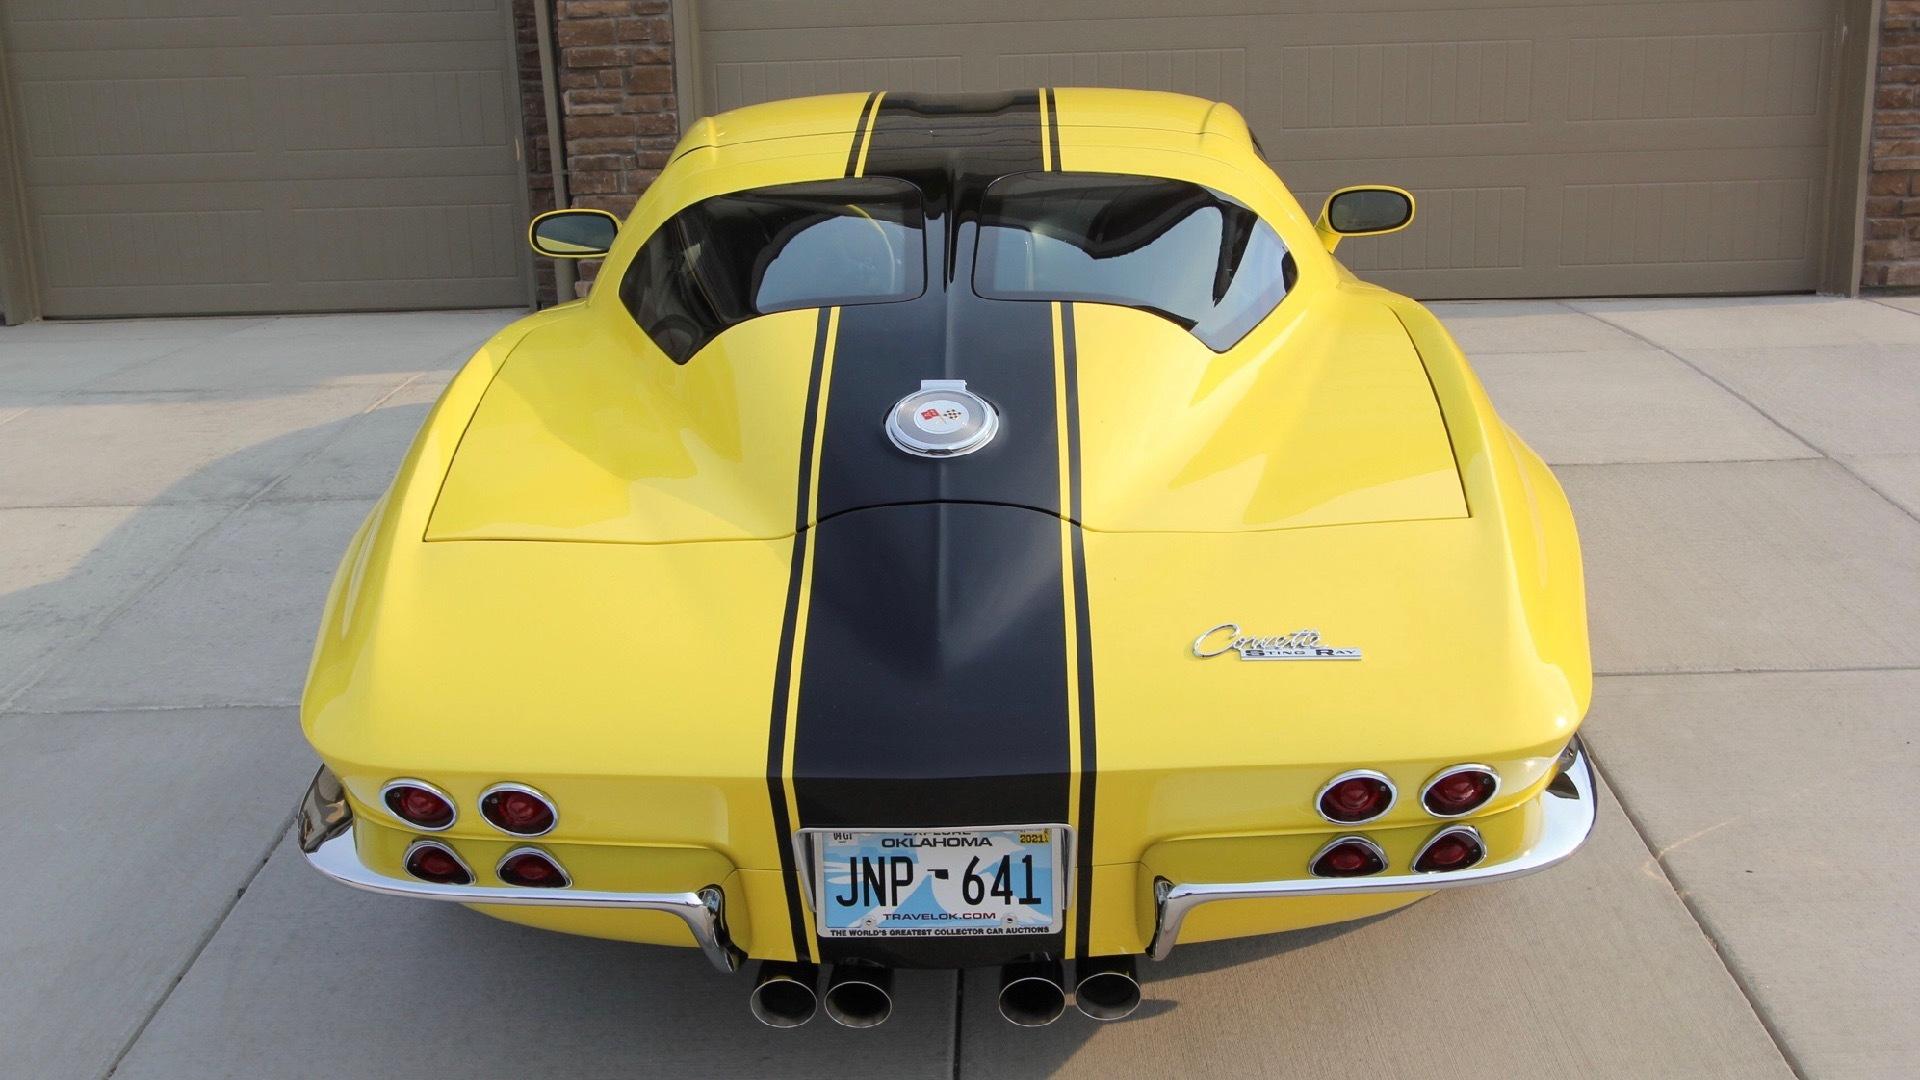 2010 Chevrolet Corvette Grand Sport modified by Karl Kustoms